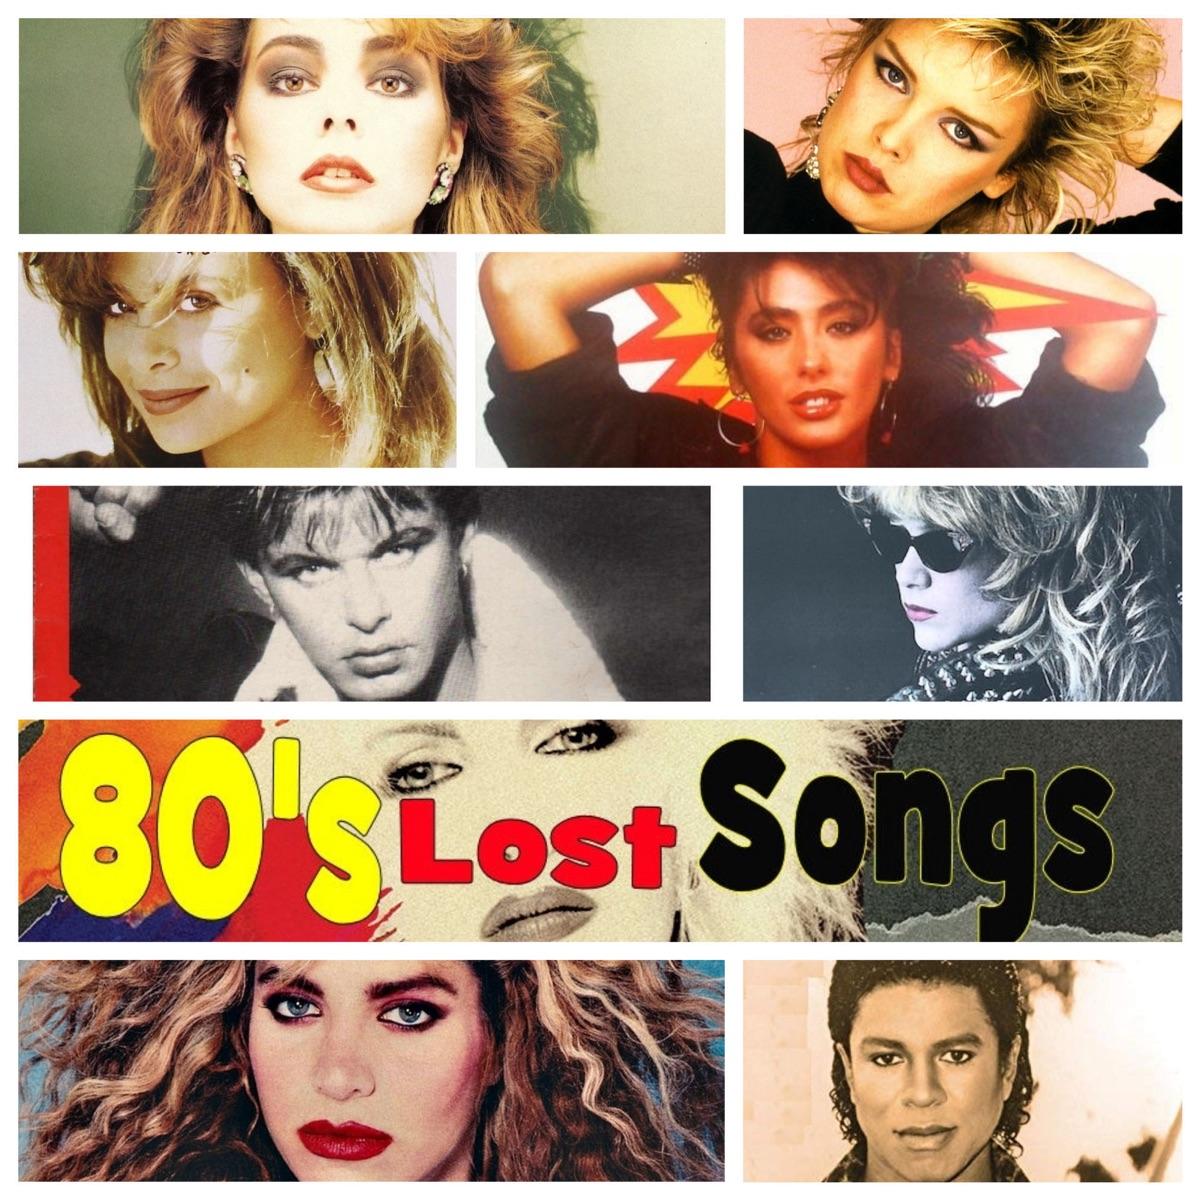 80's Lost Songs